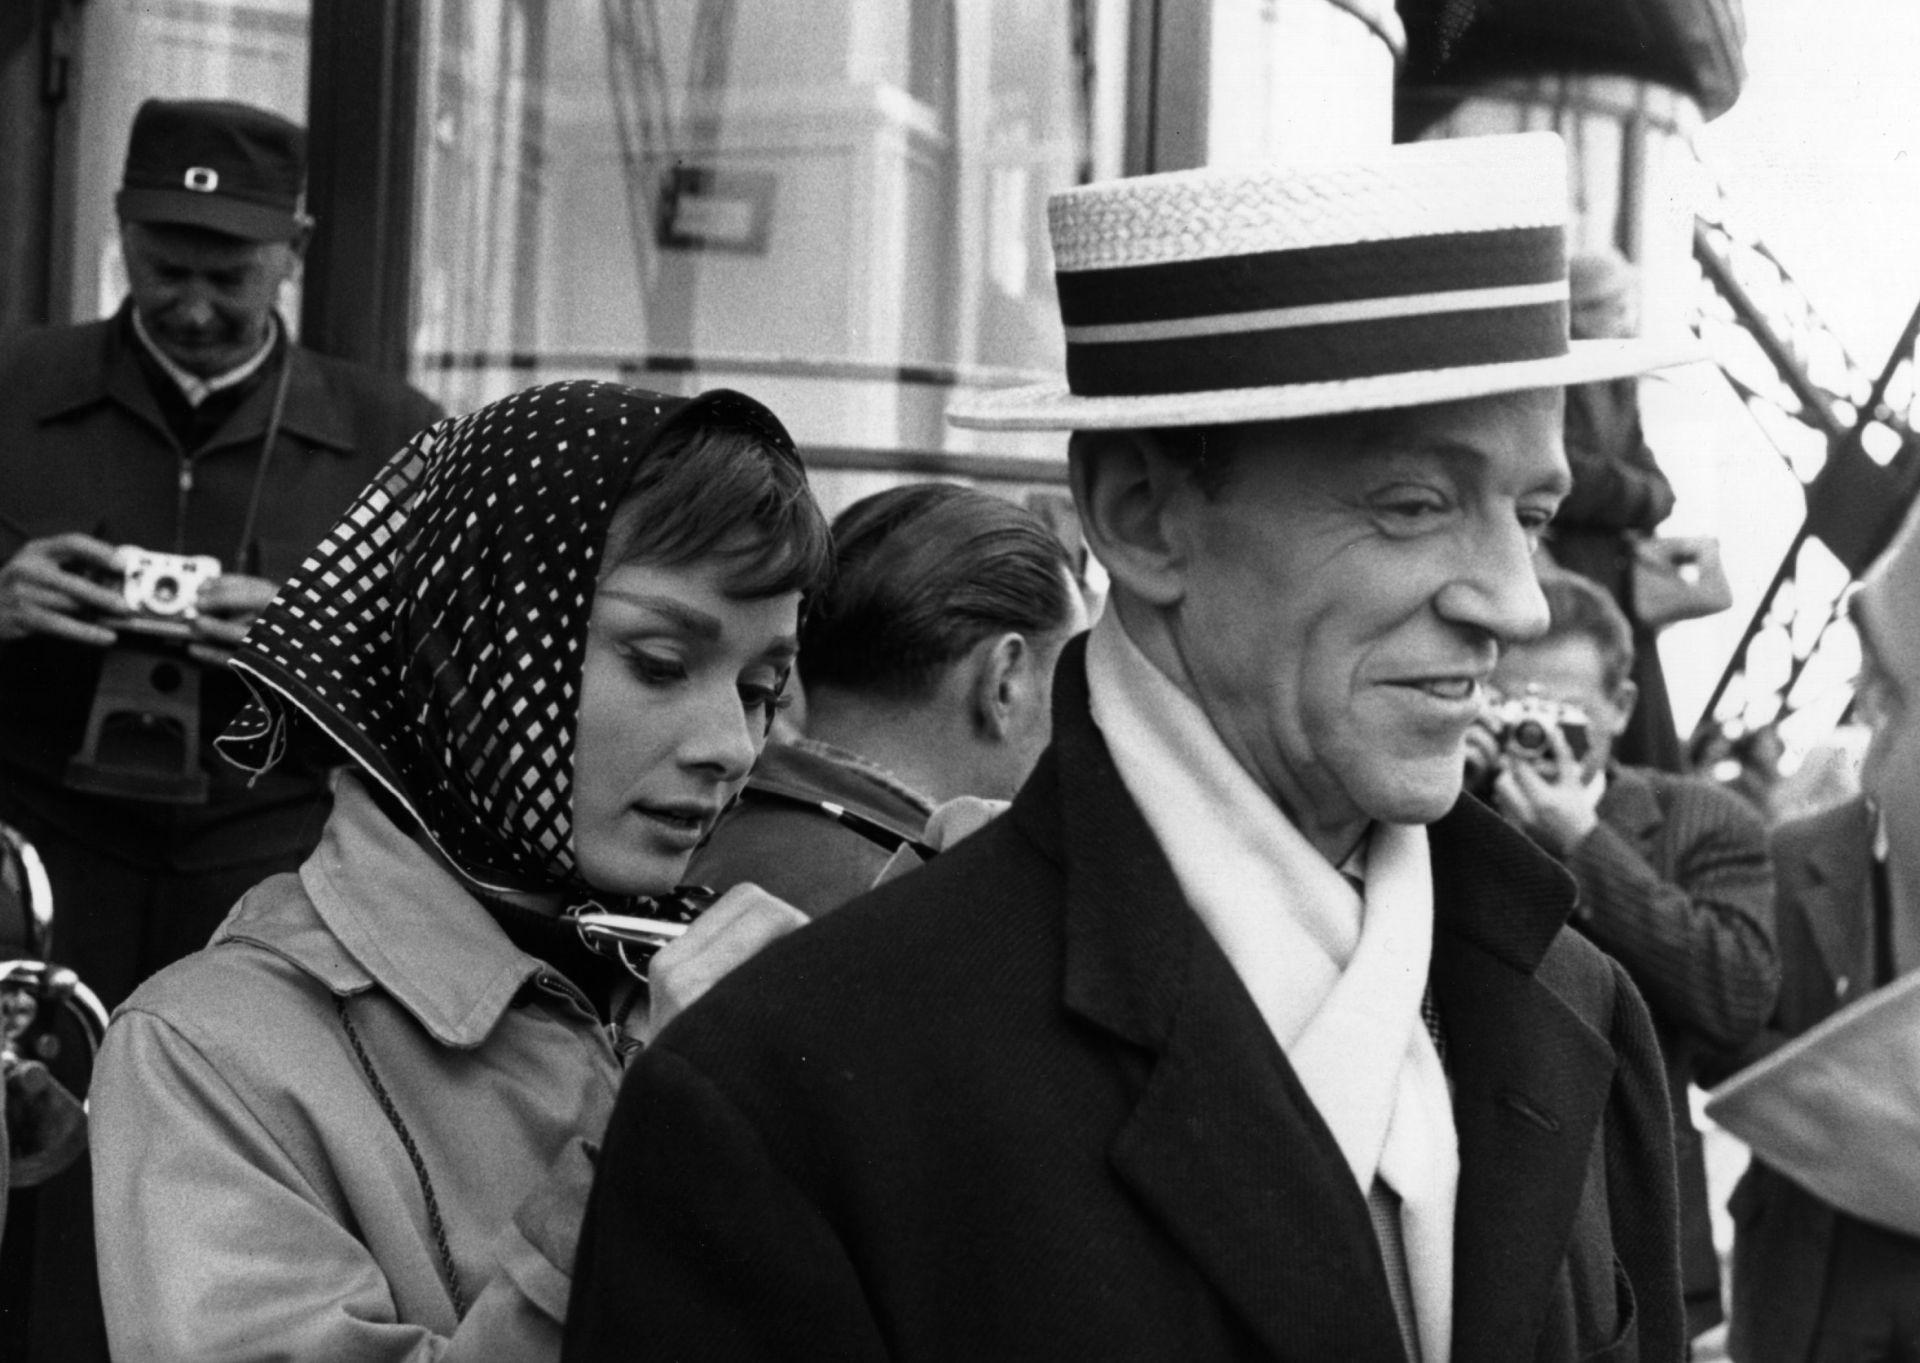 Audrey Hepburn épp filmbéli partnerének Fred Astaire-nek a hátát használja íródeszkának a Funny Face forgatásán, 1956-ban.